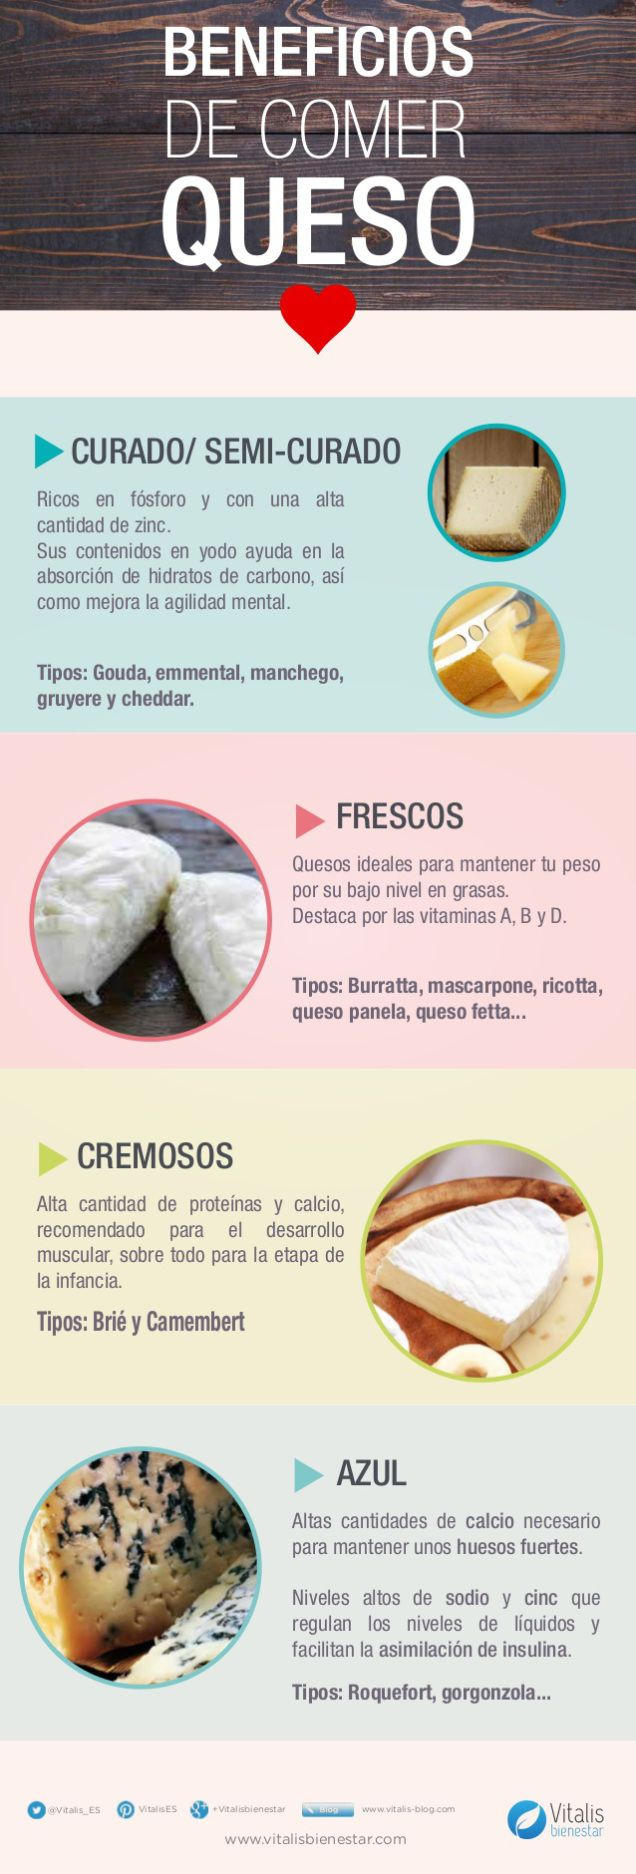 Beneficios de comer queso                                                                                                                                                                                 Más